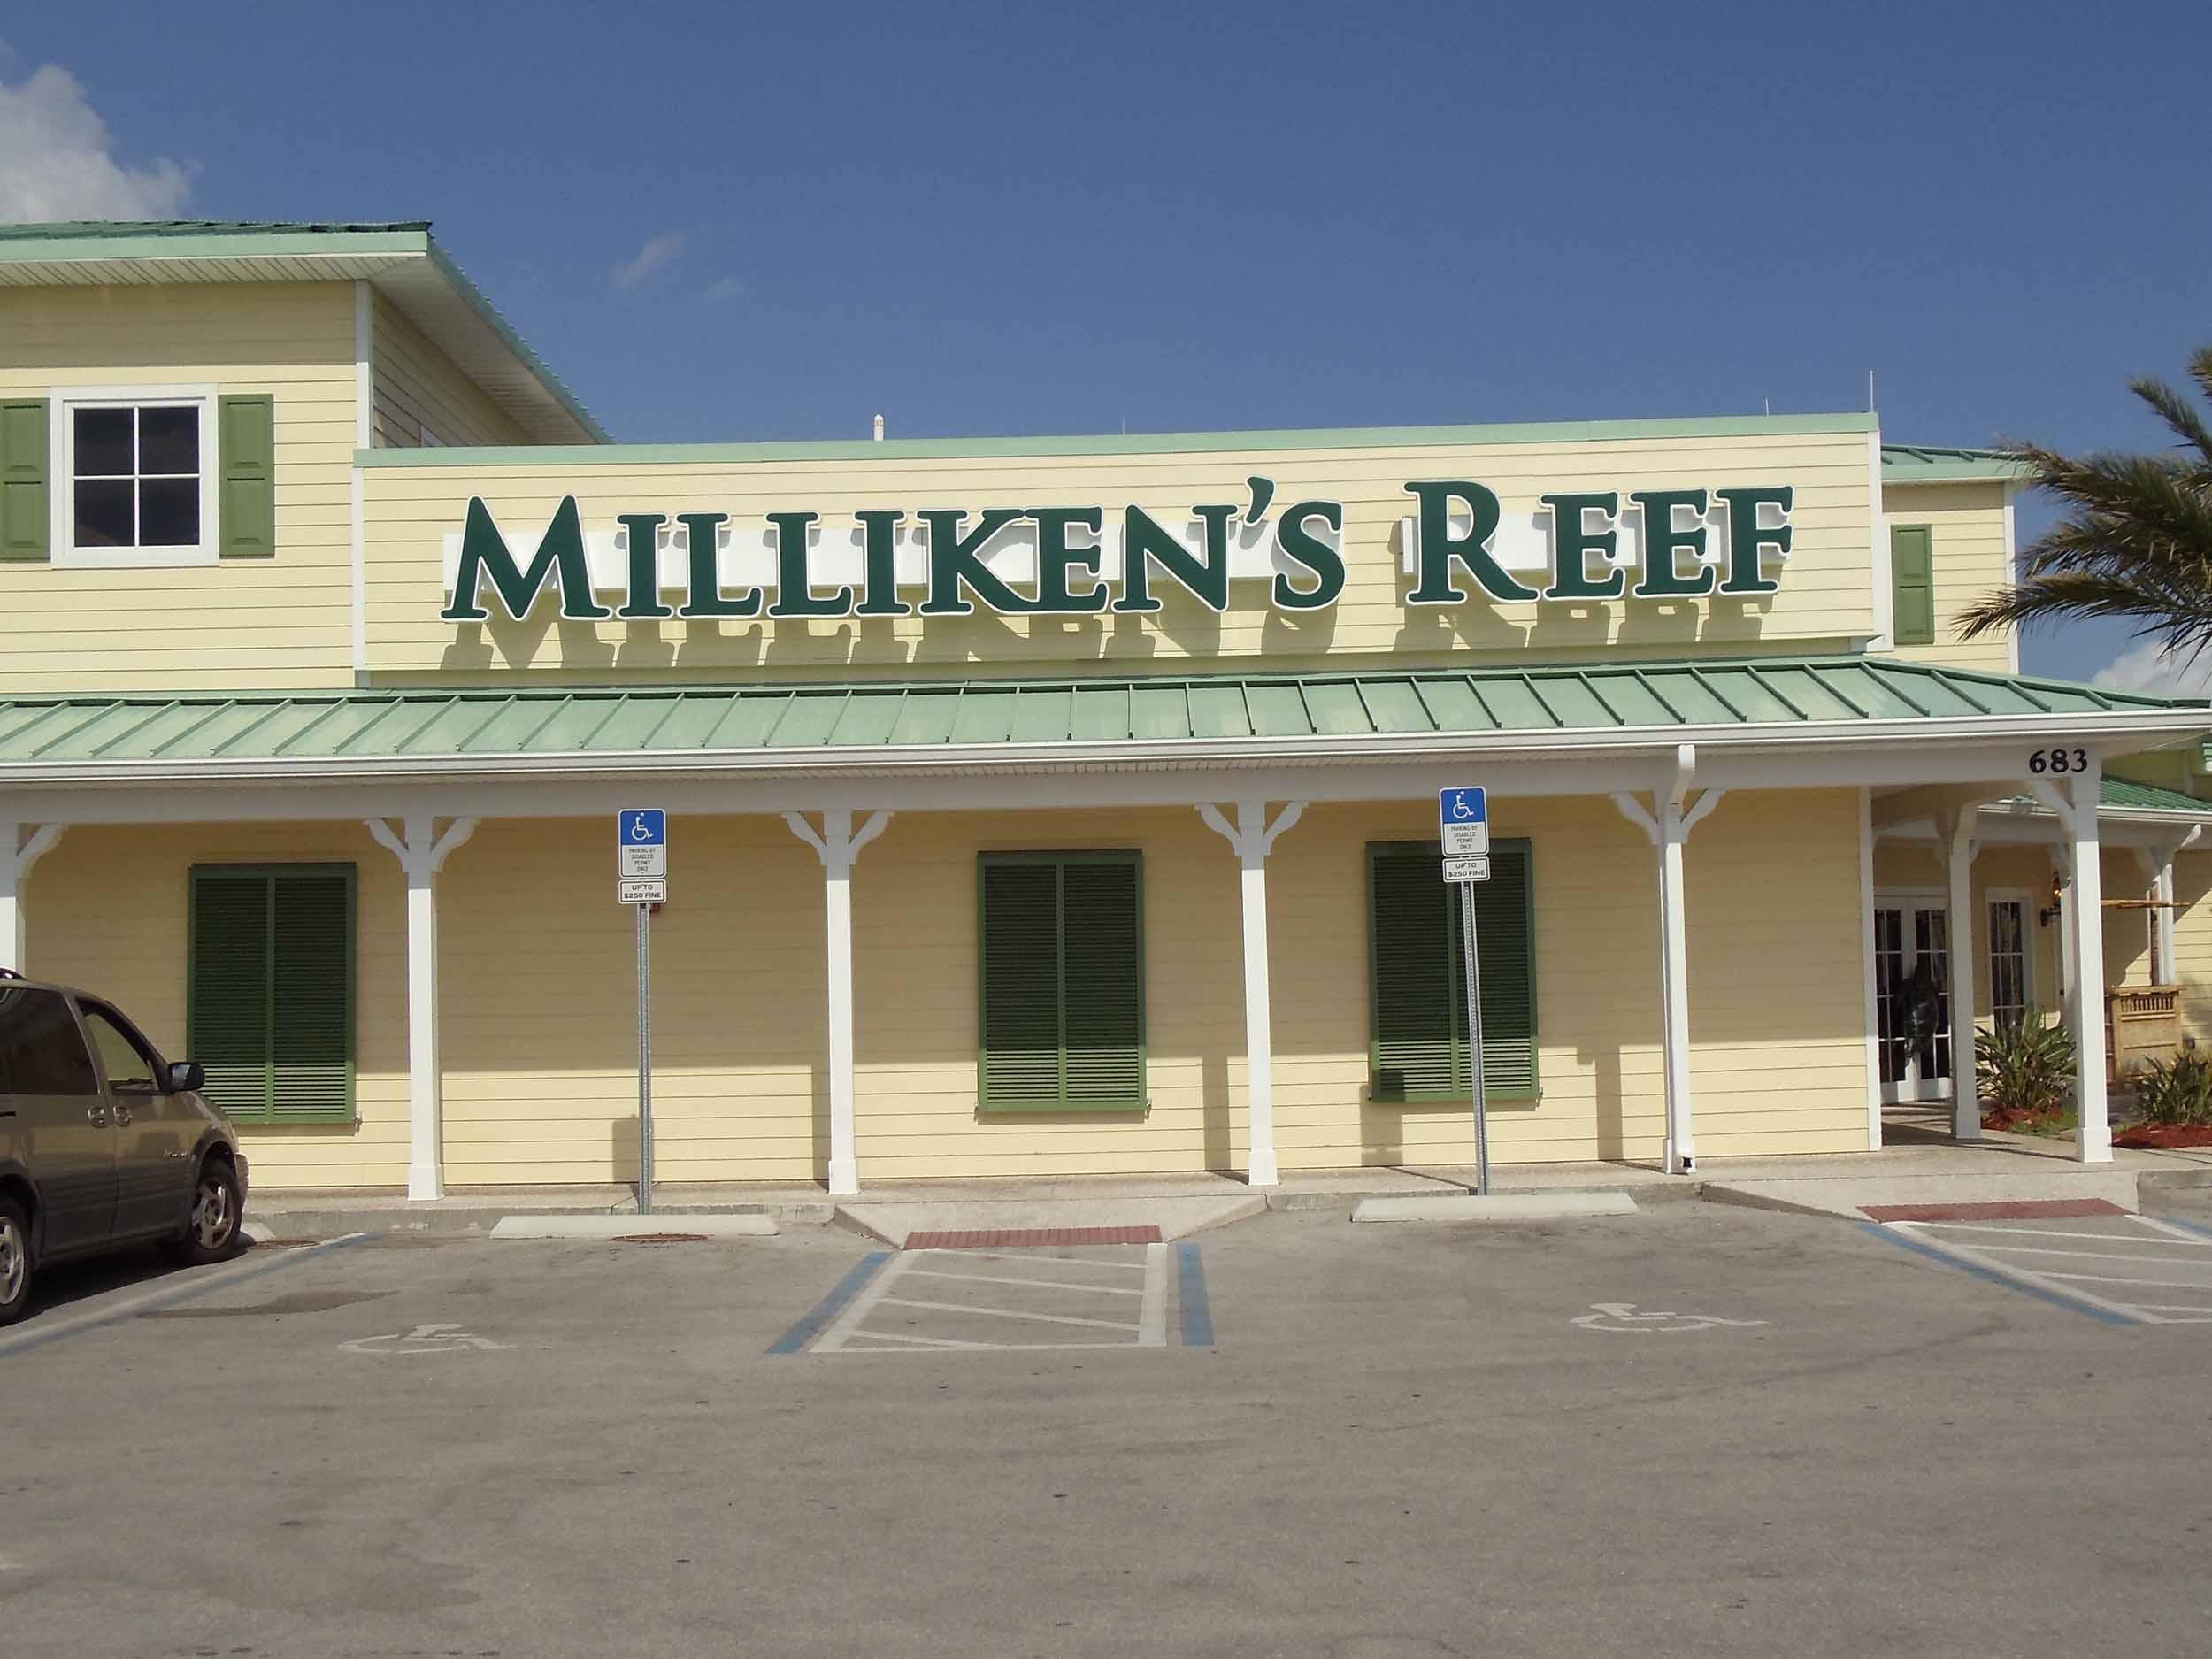 Milliken's Reef Exterior